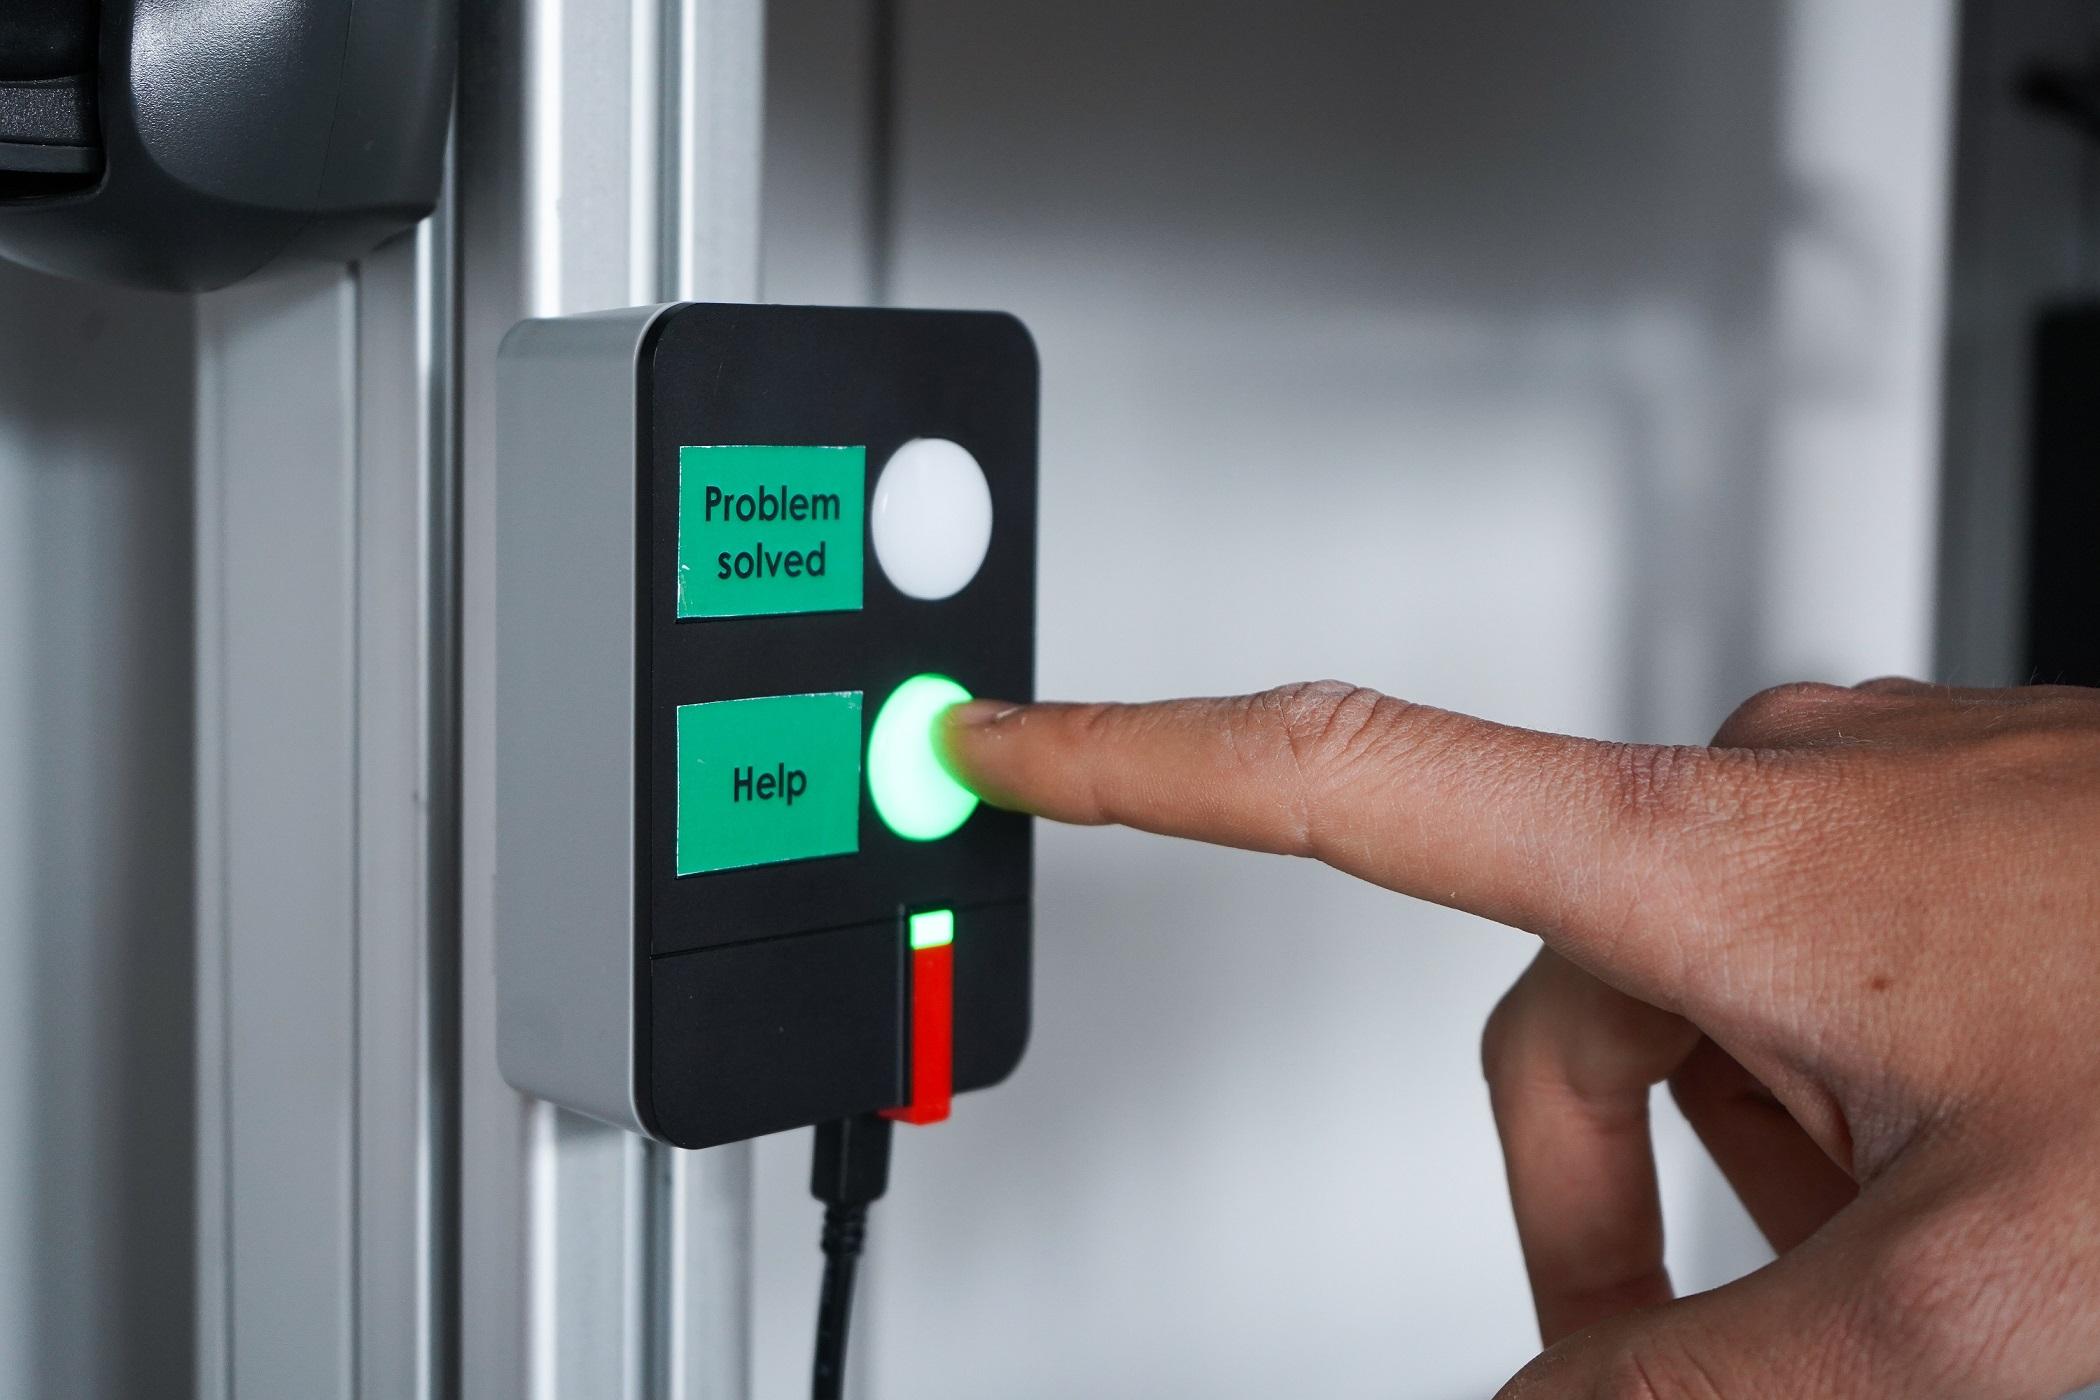 Mit der Andon WirelessBox können Meldungen abgesetzt werden, um etwa Problemlösungen anzustoßen.  (Bild: Werma Signaltechnik GmbH & Co. KG)